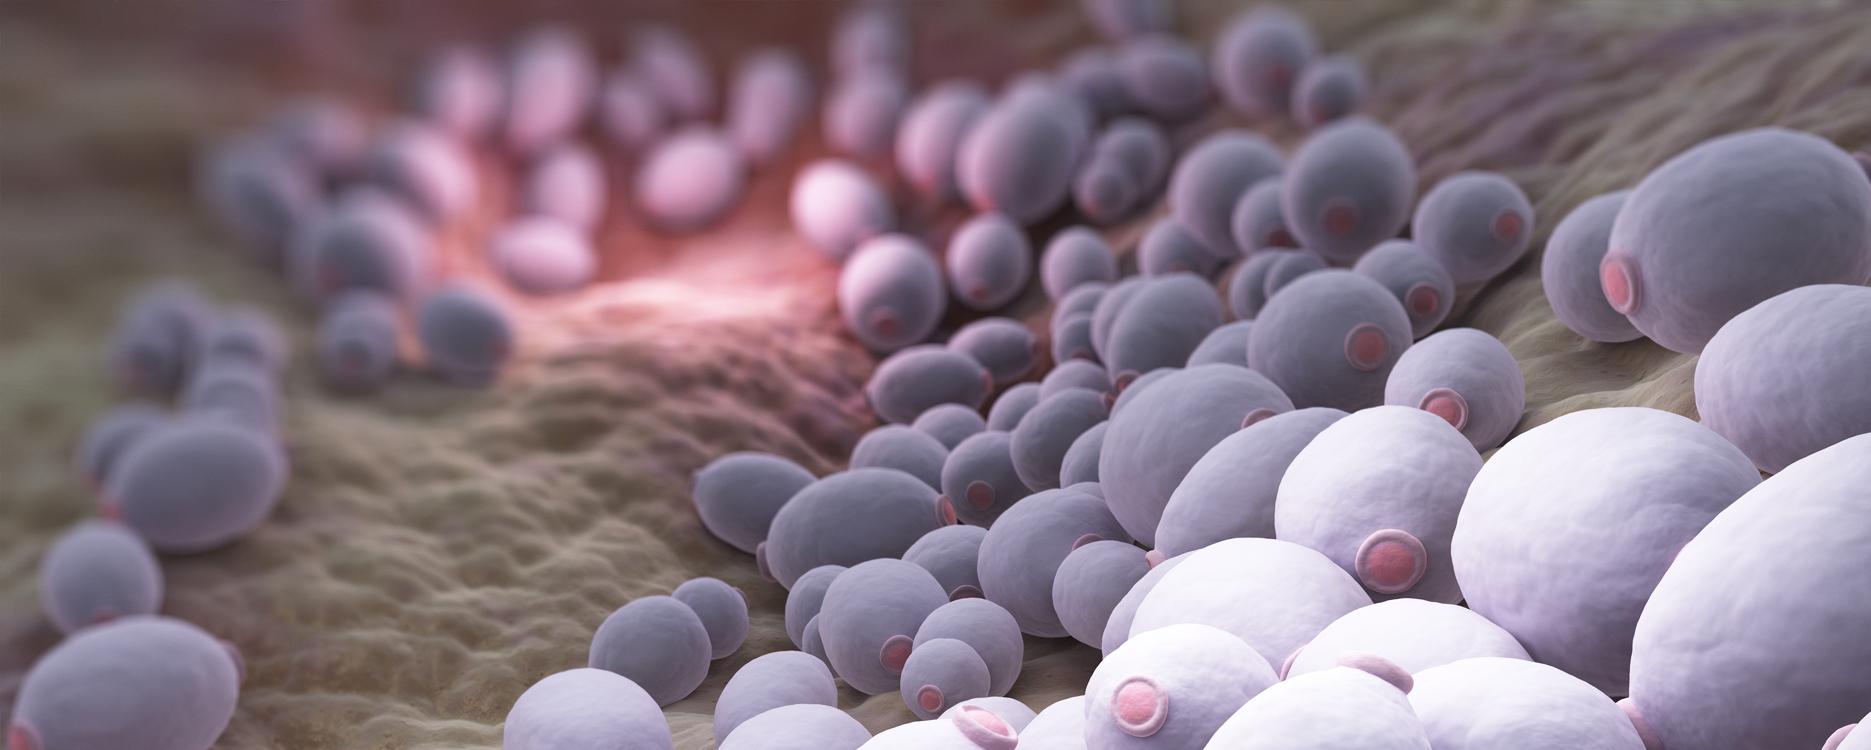 mycose vaginale recidive